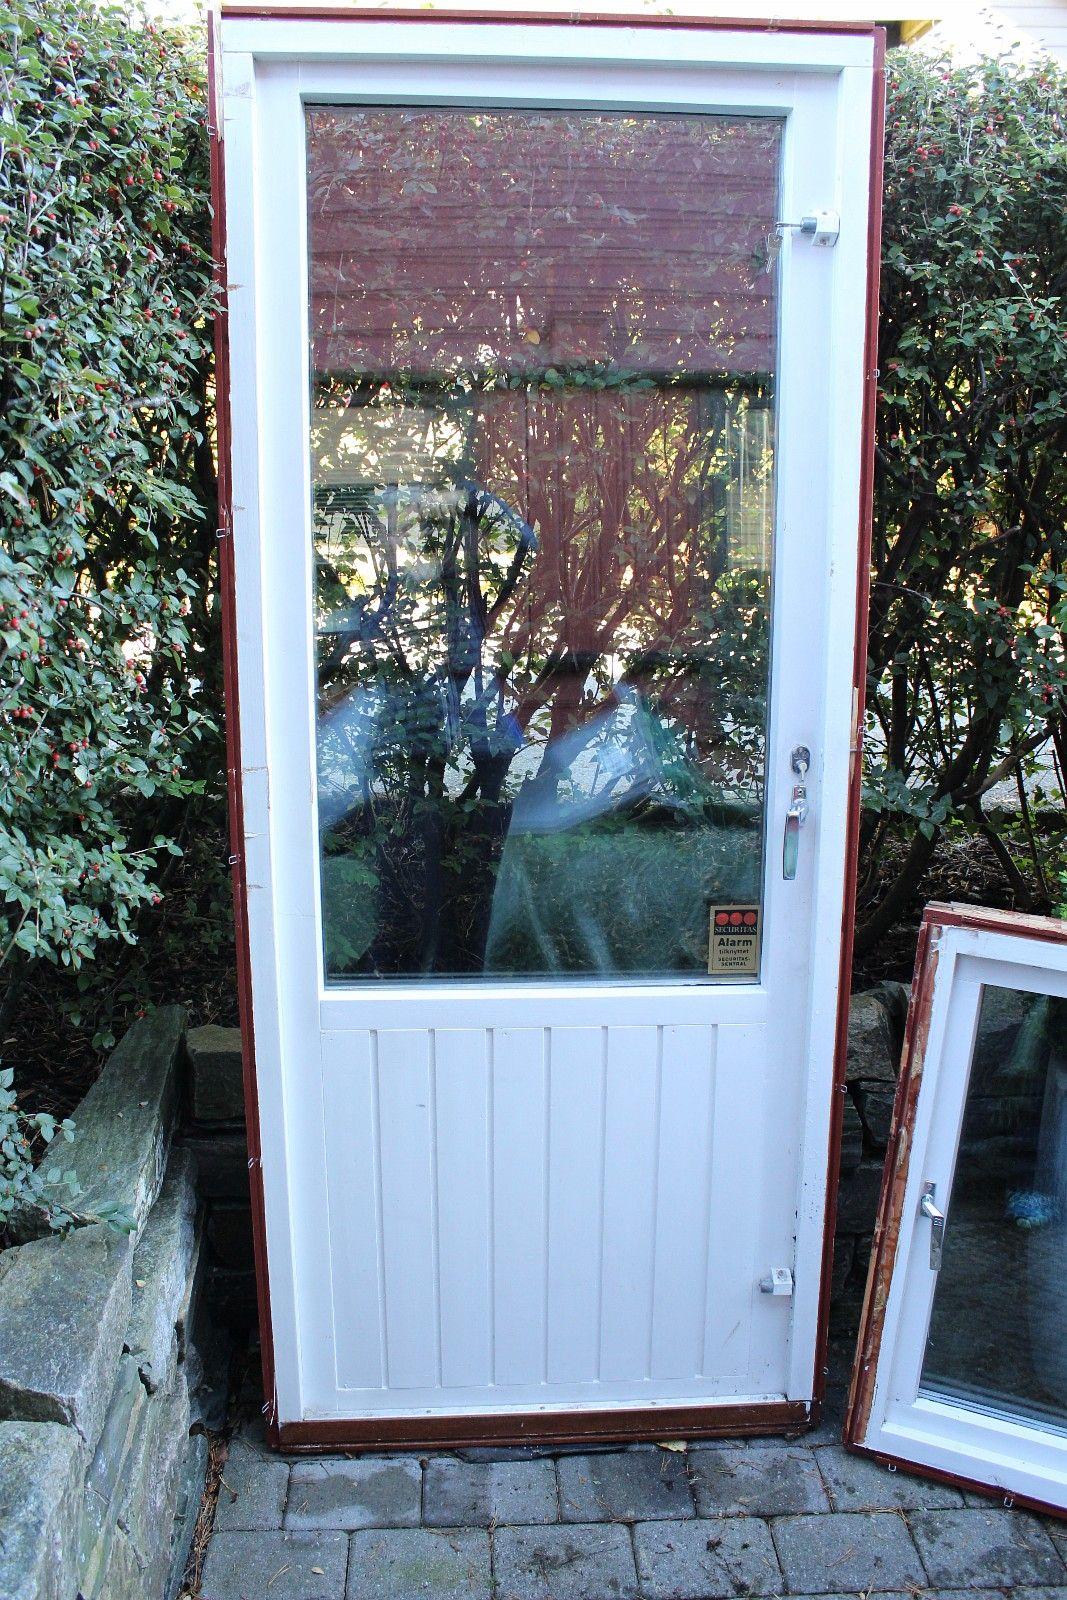 Brukt altan/hagedør tilsalgs - Bønes  - 1 stk hagedør str. 89x209 cm, høyrehengslet a kr. 400,- Døren er hvitmalt på innsiden og svartmalt på utsiden. - Bønes